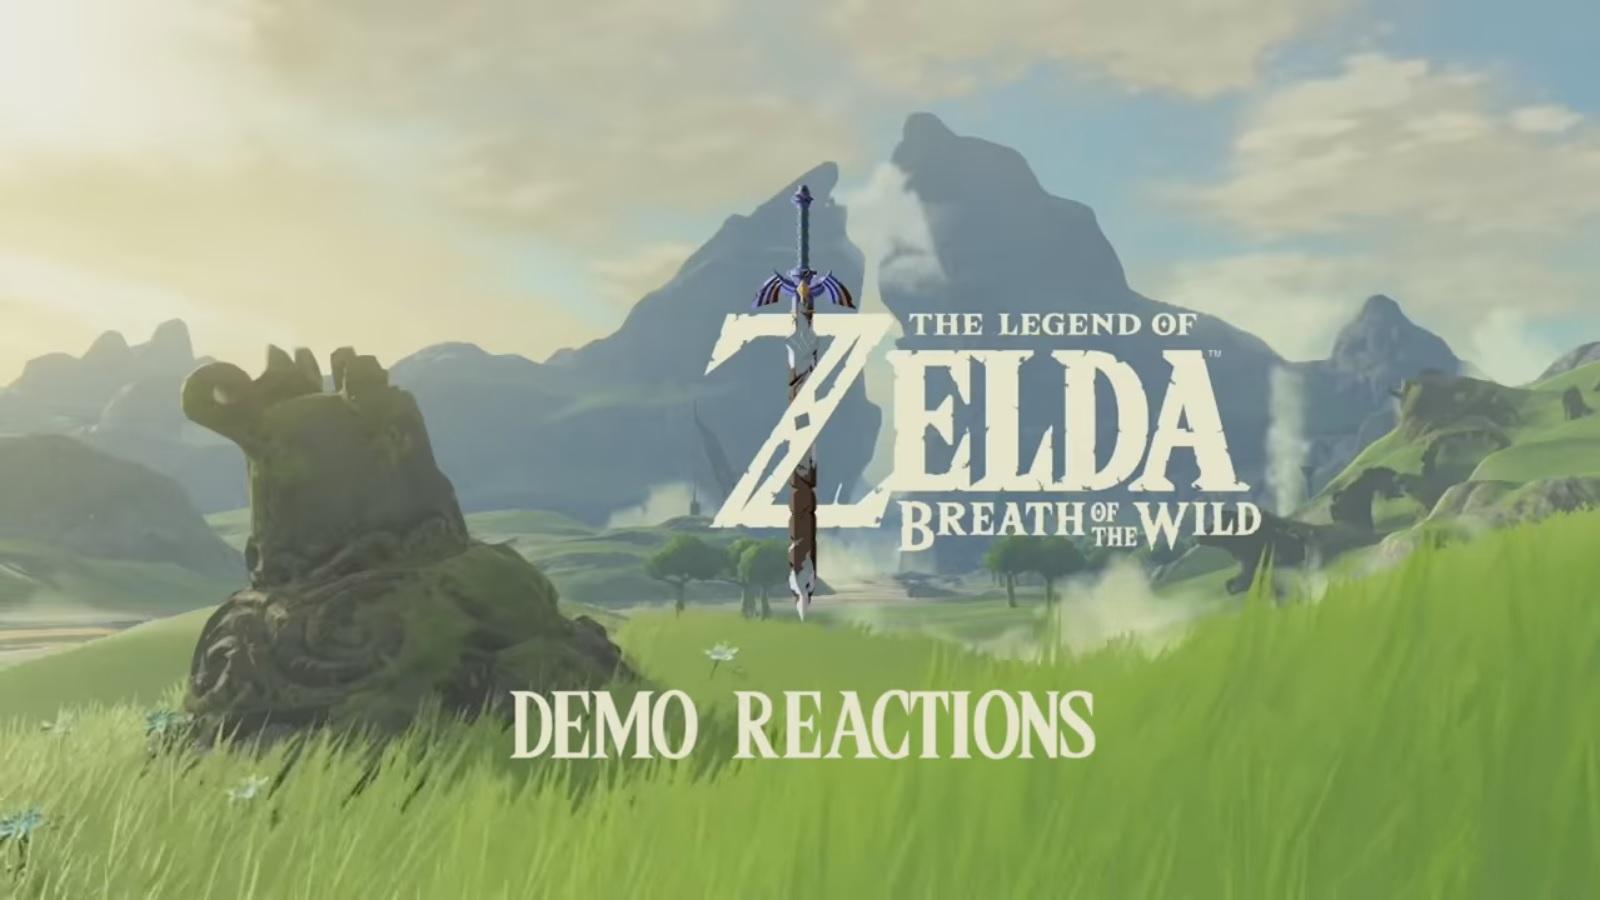 The Legend of Zelda: Breath of the Wild - demo reactions